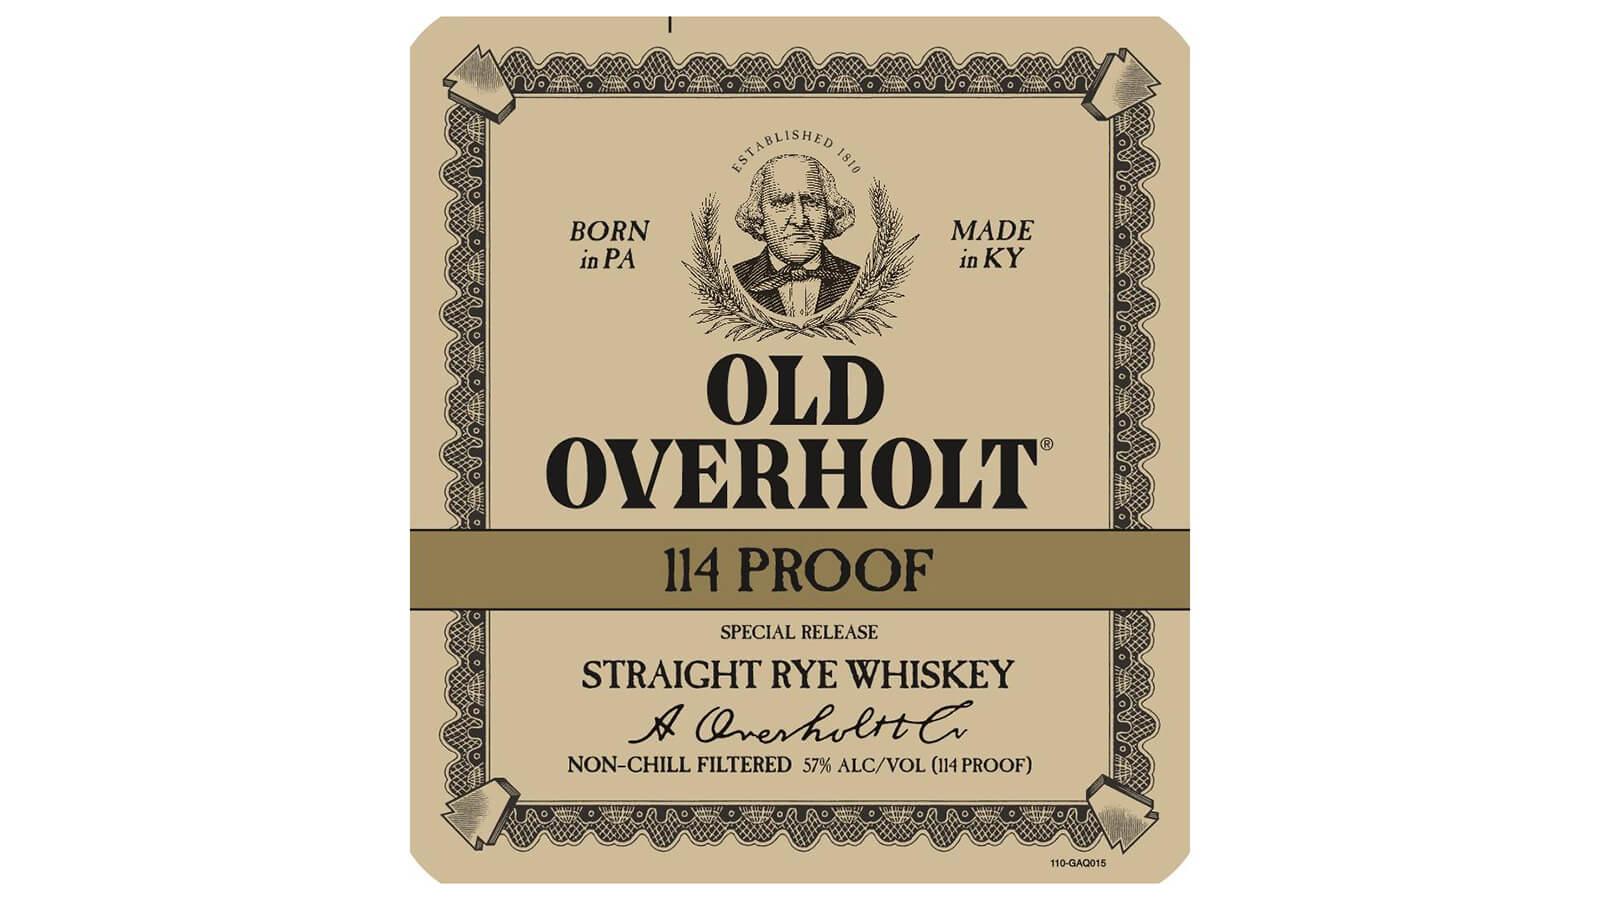 Old Overholt - 114 Proof